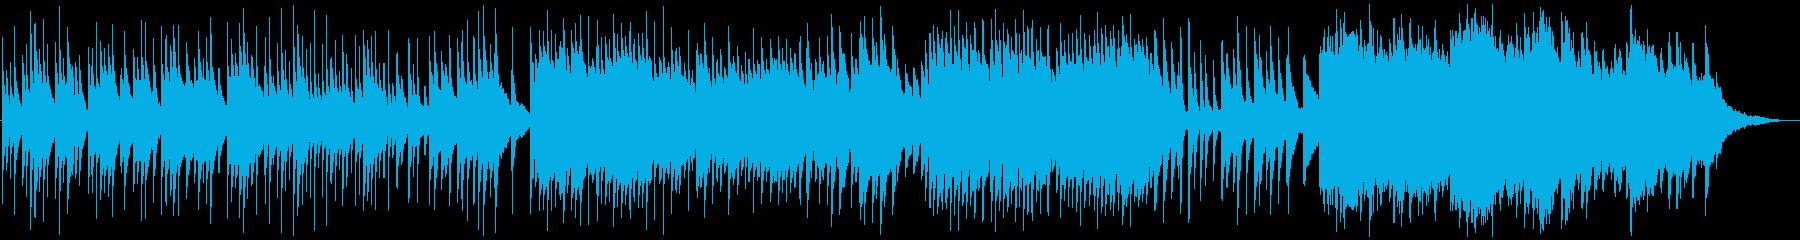 オルゴール的ピアノで感動的明るく切ないの再生済みの波形